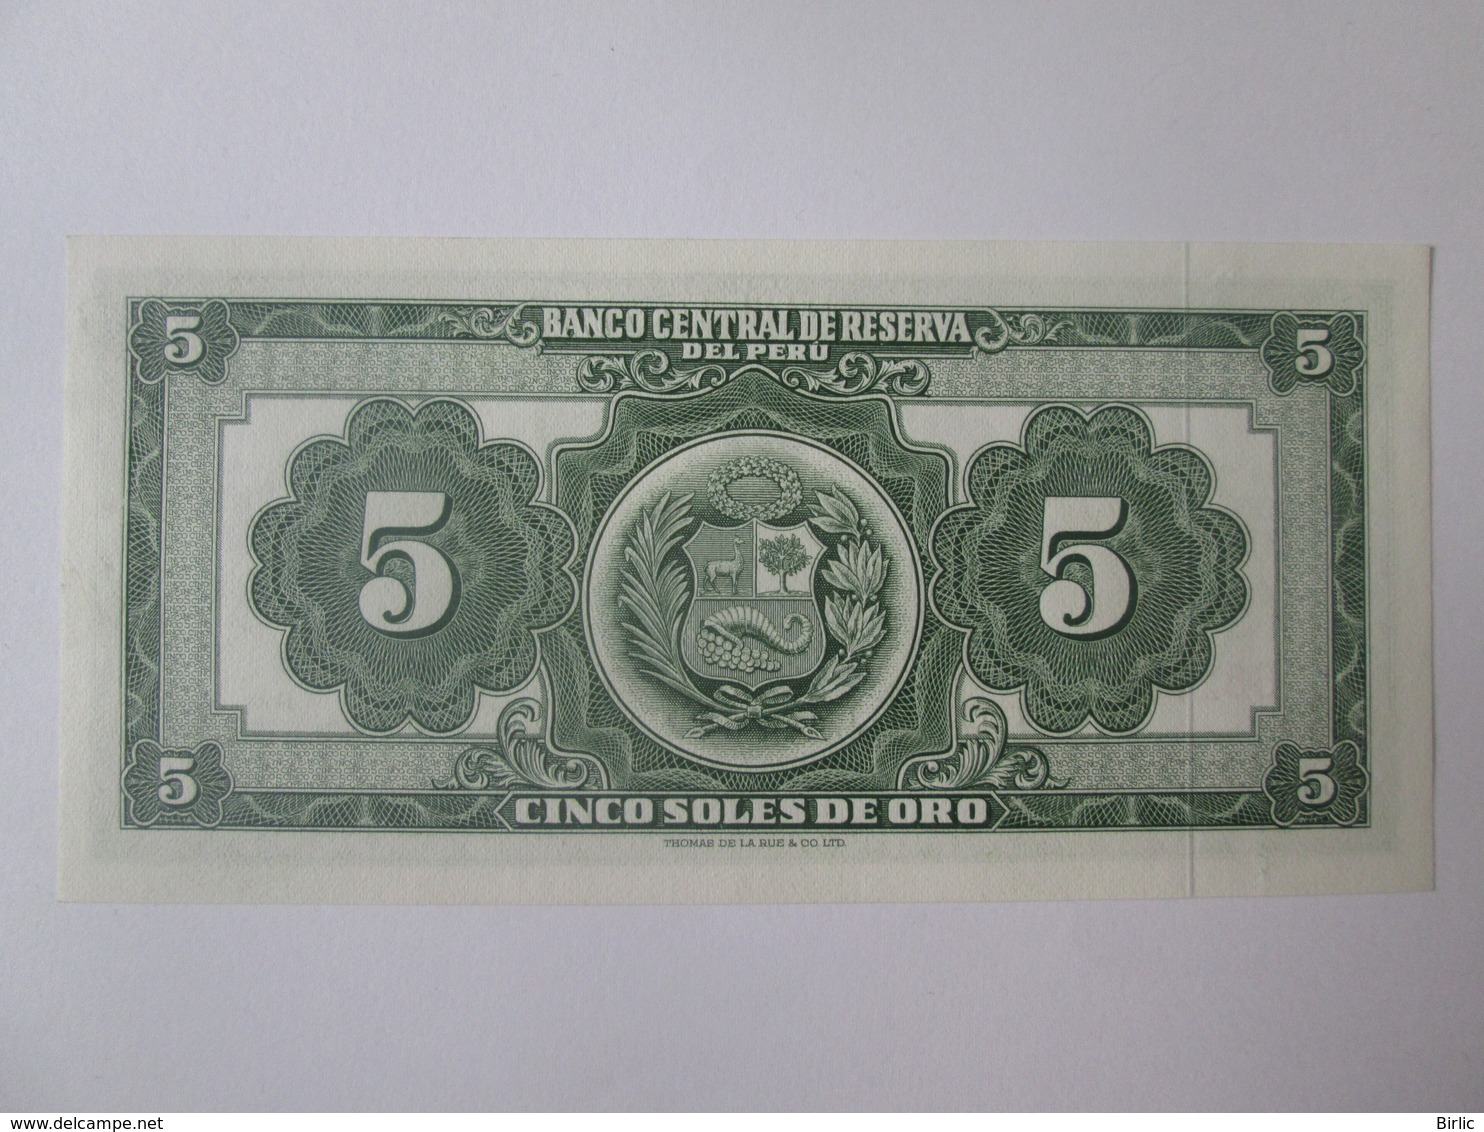 Peru 5 Soles De Oro 1968 Banknote UNC - Pérou